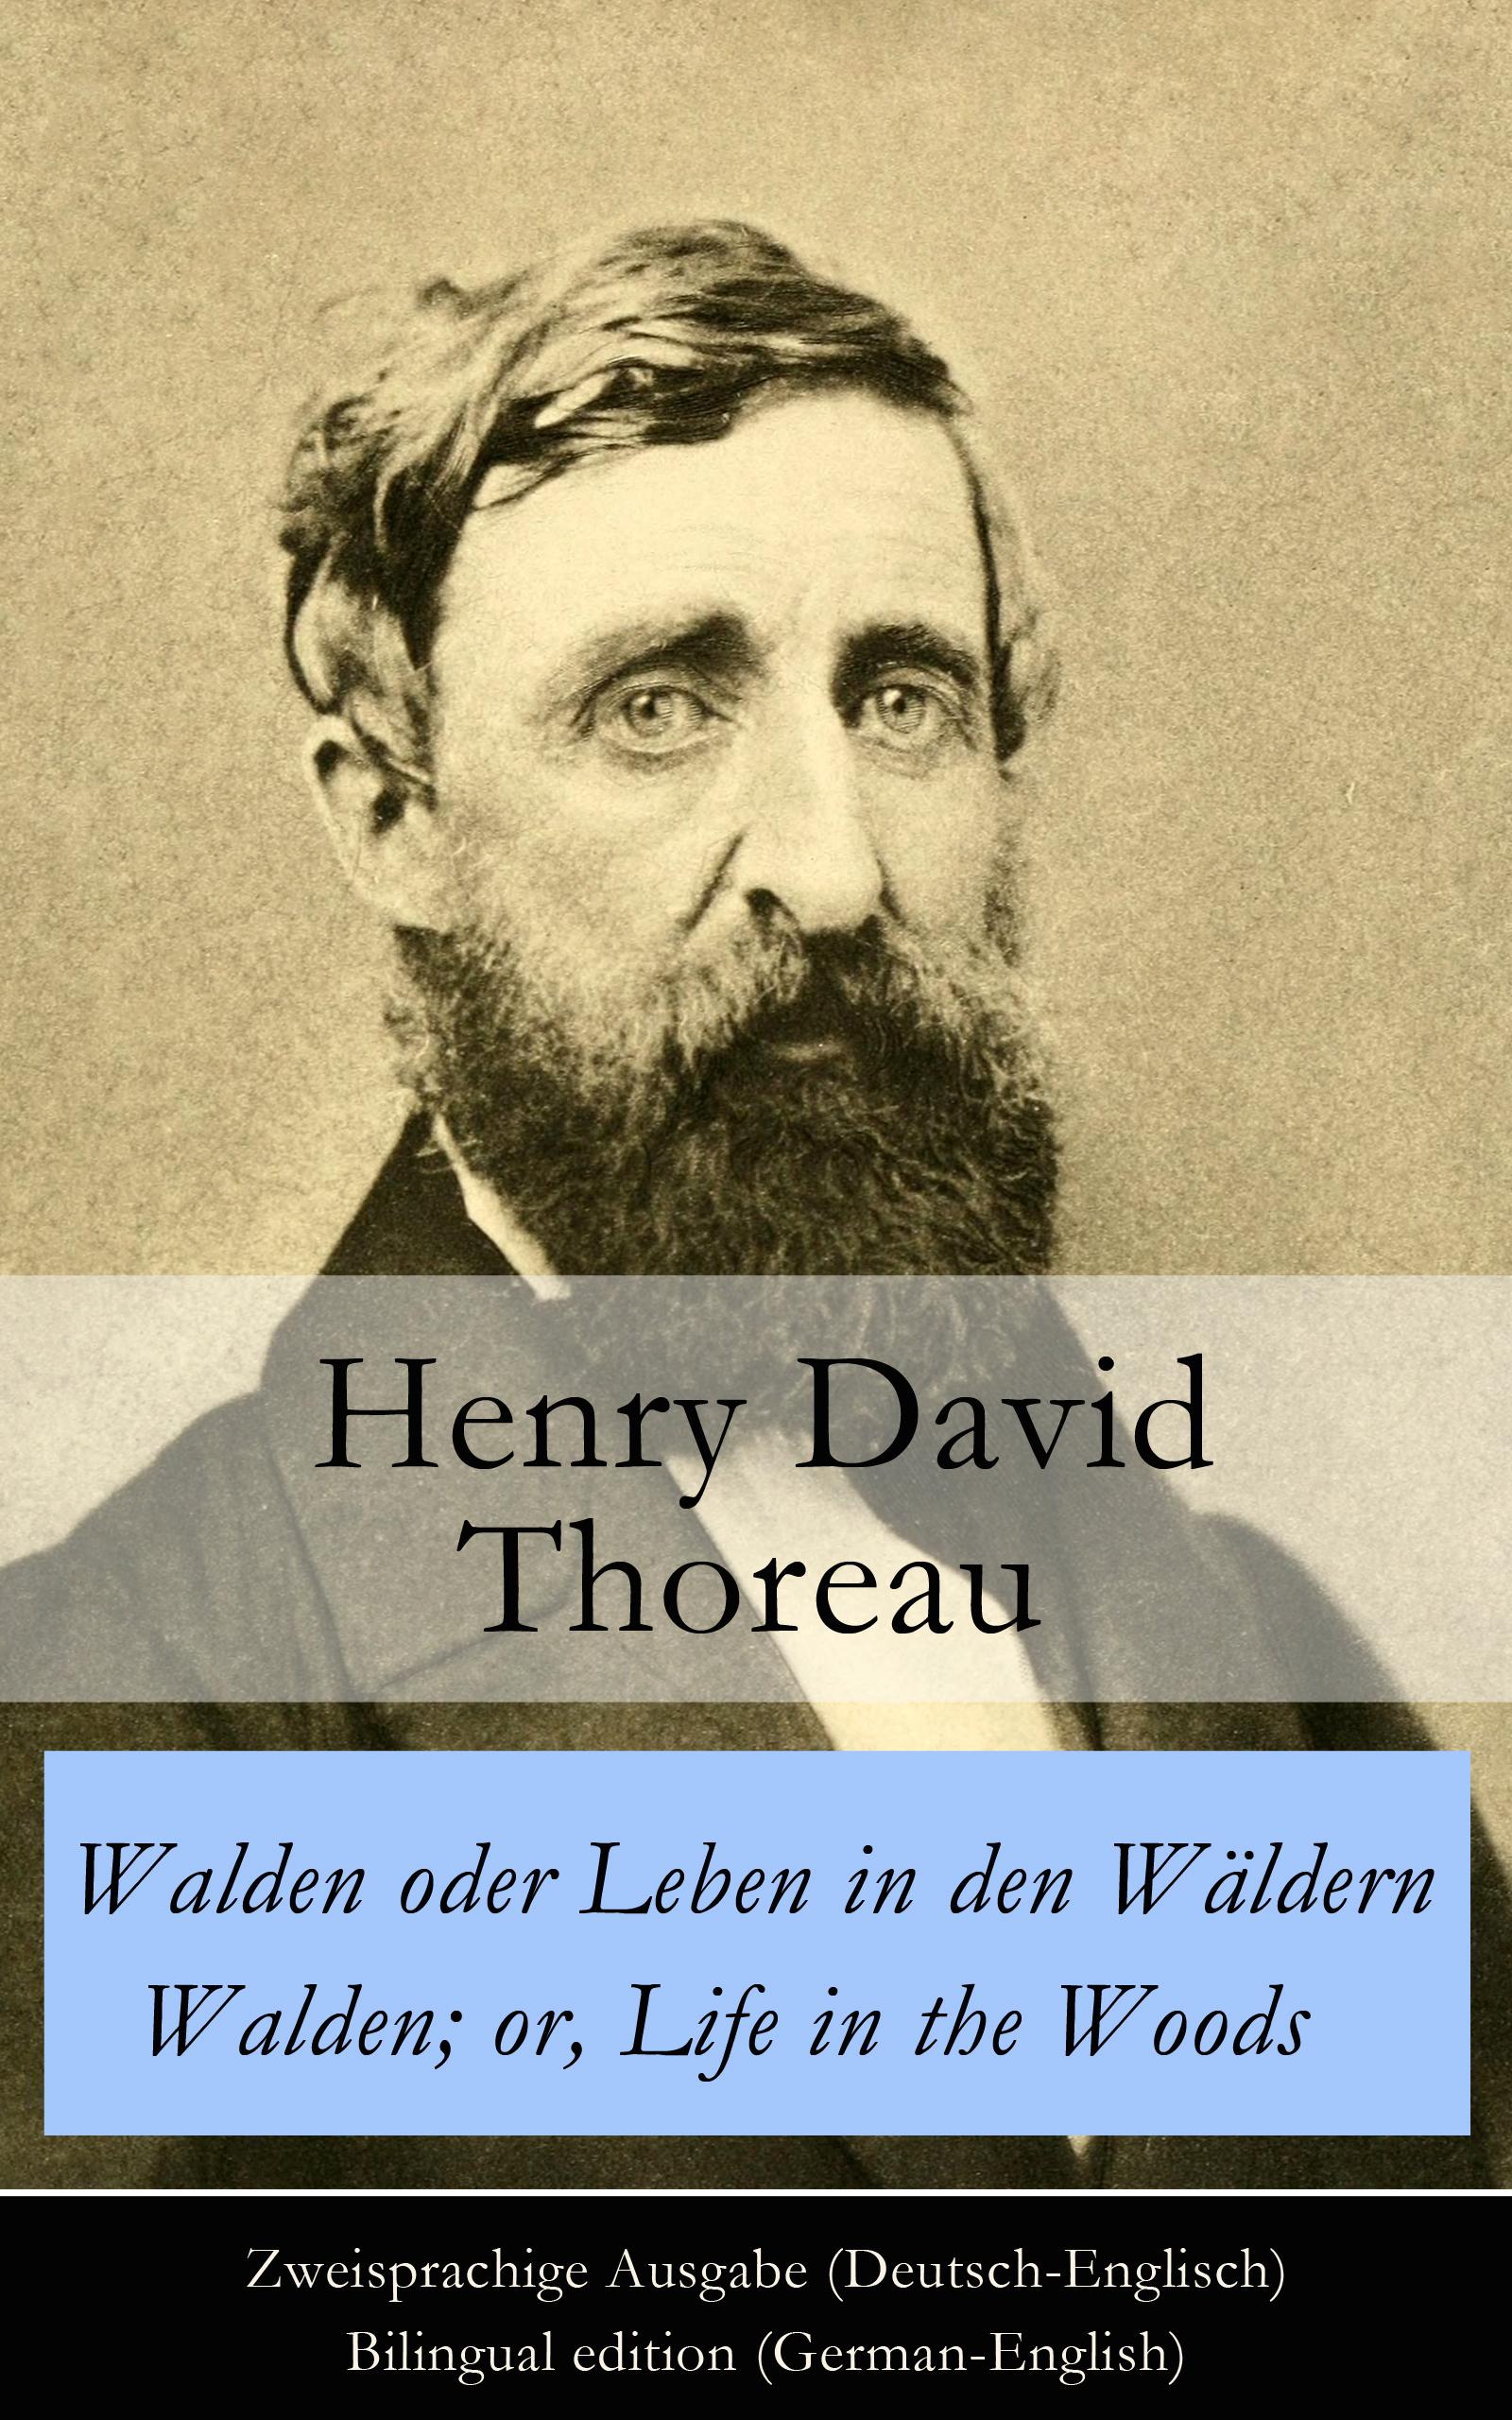 цена на Генри Дэвид Торо Walden oder Leben in den Wäldern / Walden; or, Life in the Woods - Zweisprachige Ausgabe (Deutsch-Englisch) / Bilingual edition (German-English)